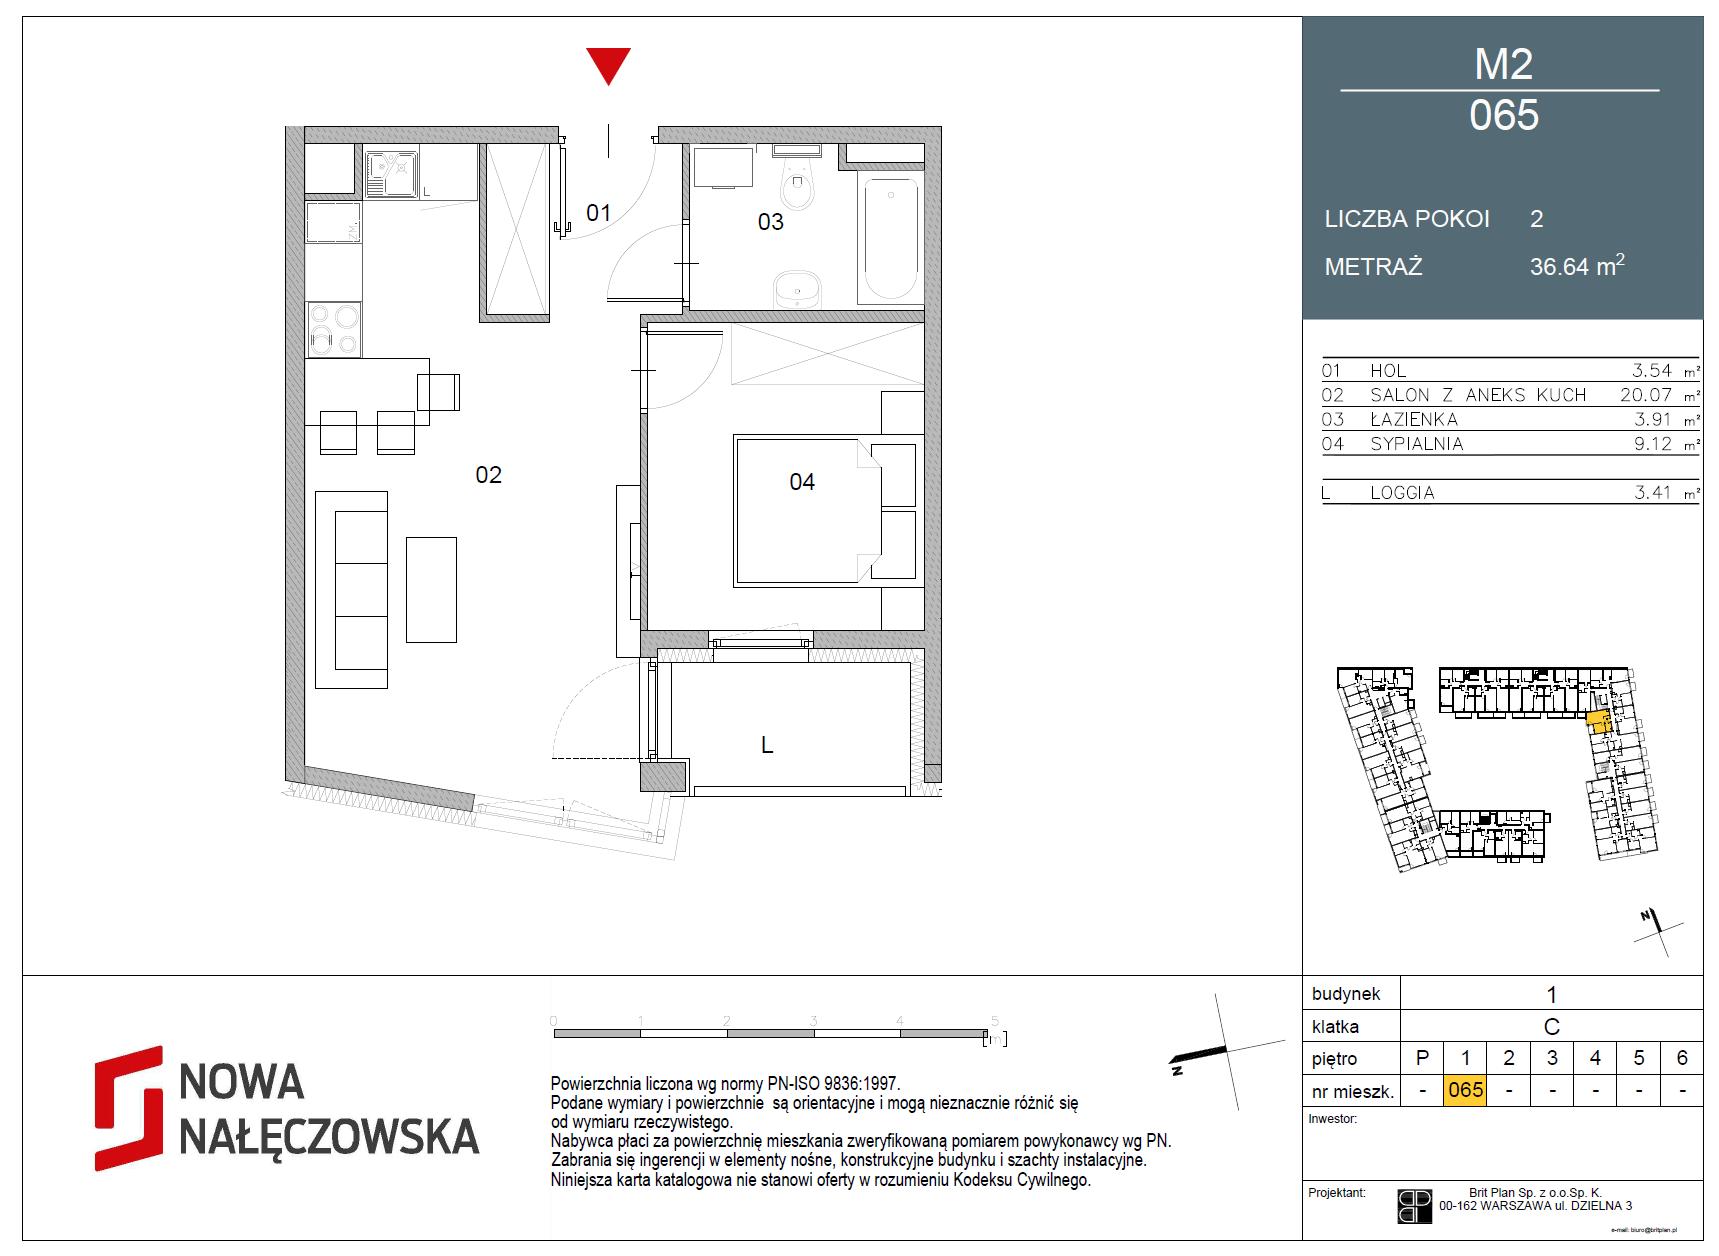 Mieszkanie numer 065